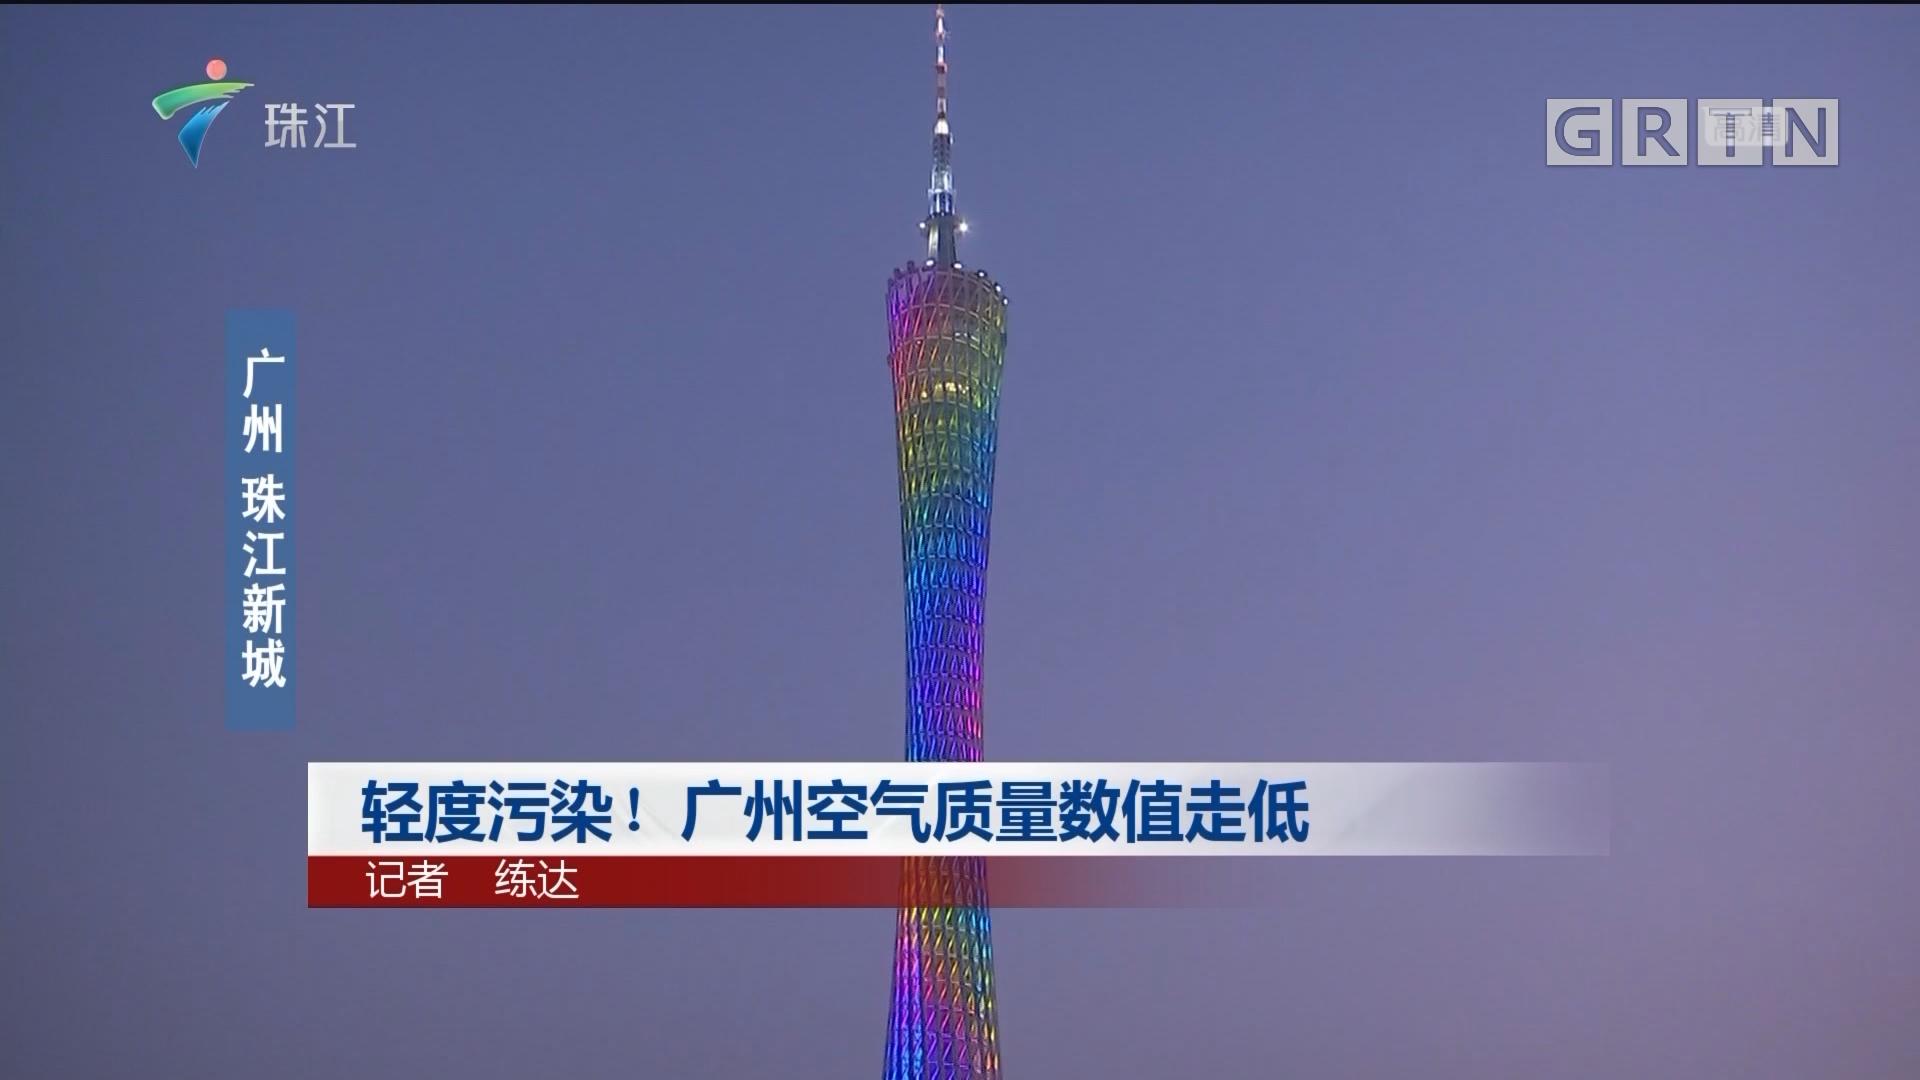 轻度污染!广州空气质量数值走低